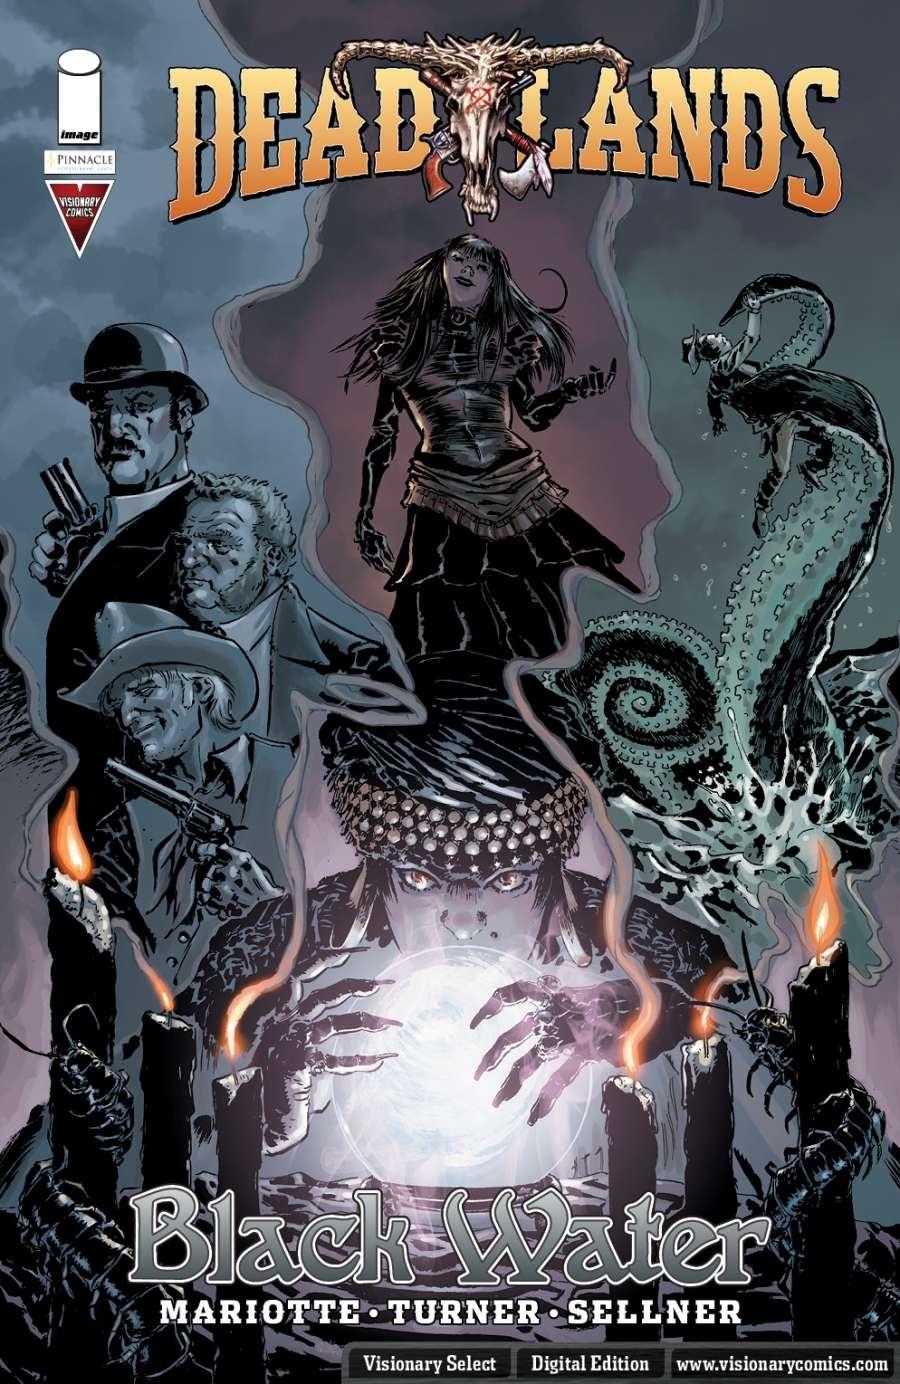 Flash Fire Mini Reviews: Deadlands Comics